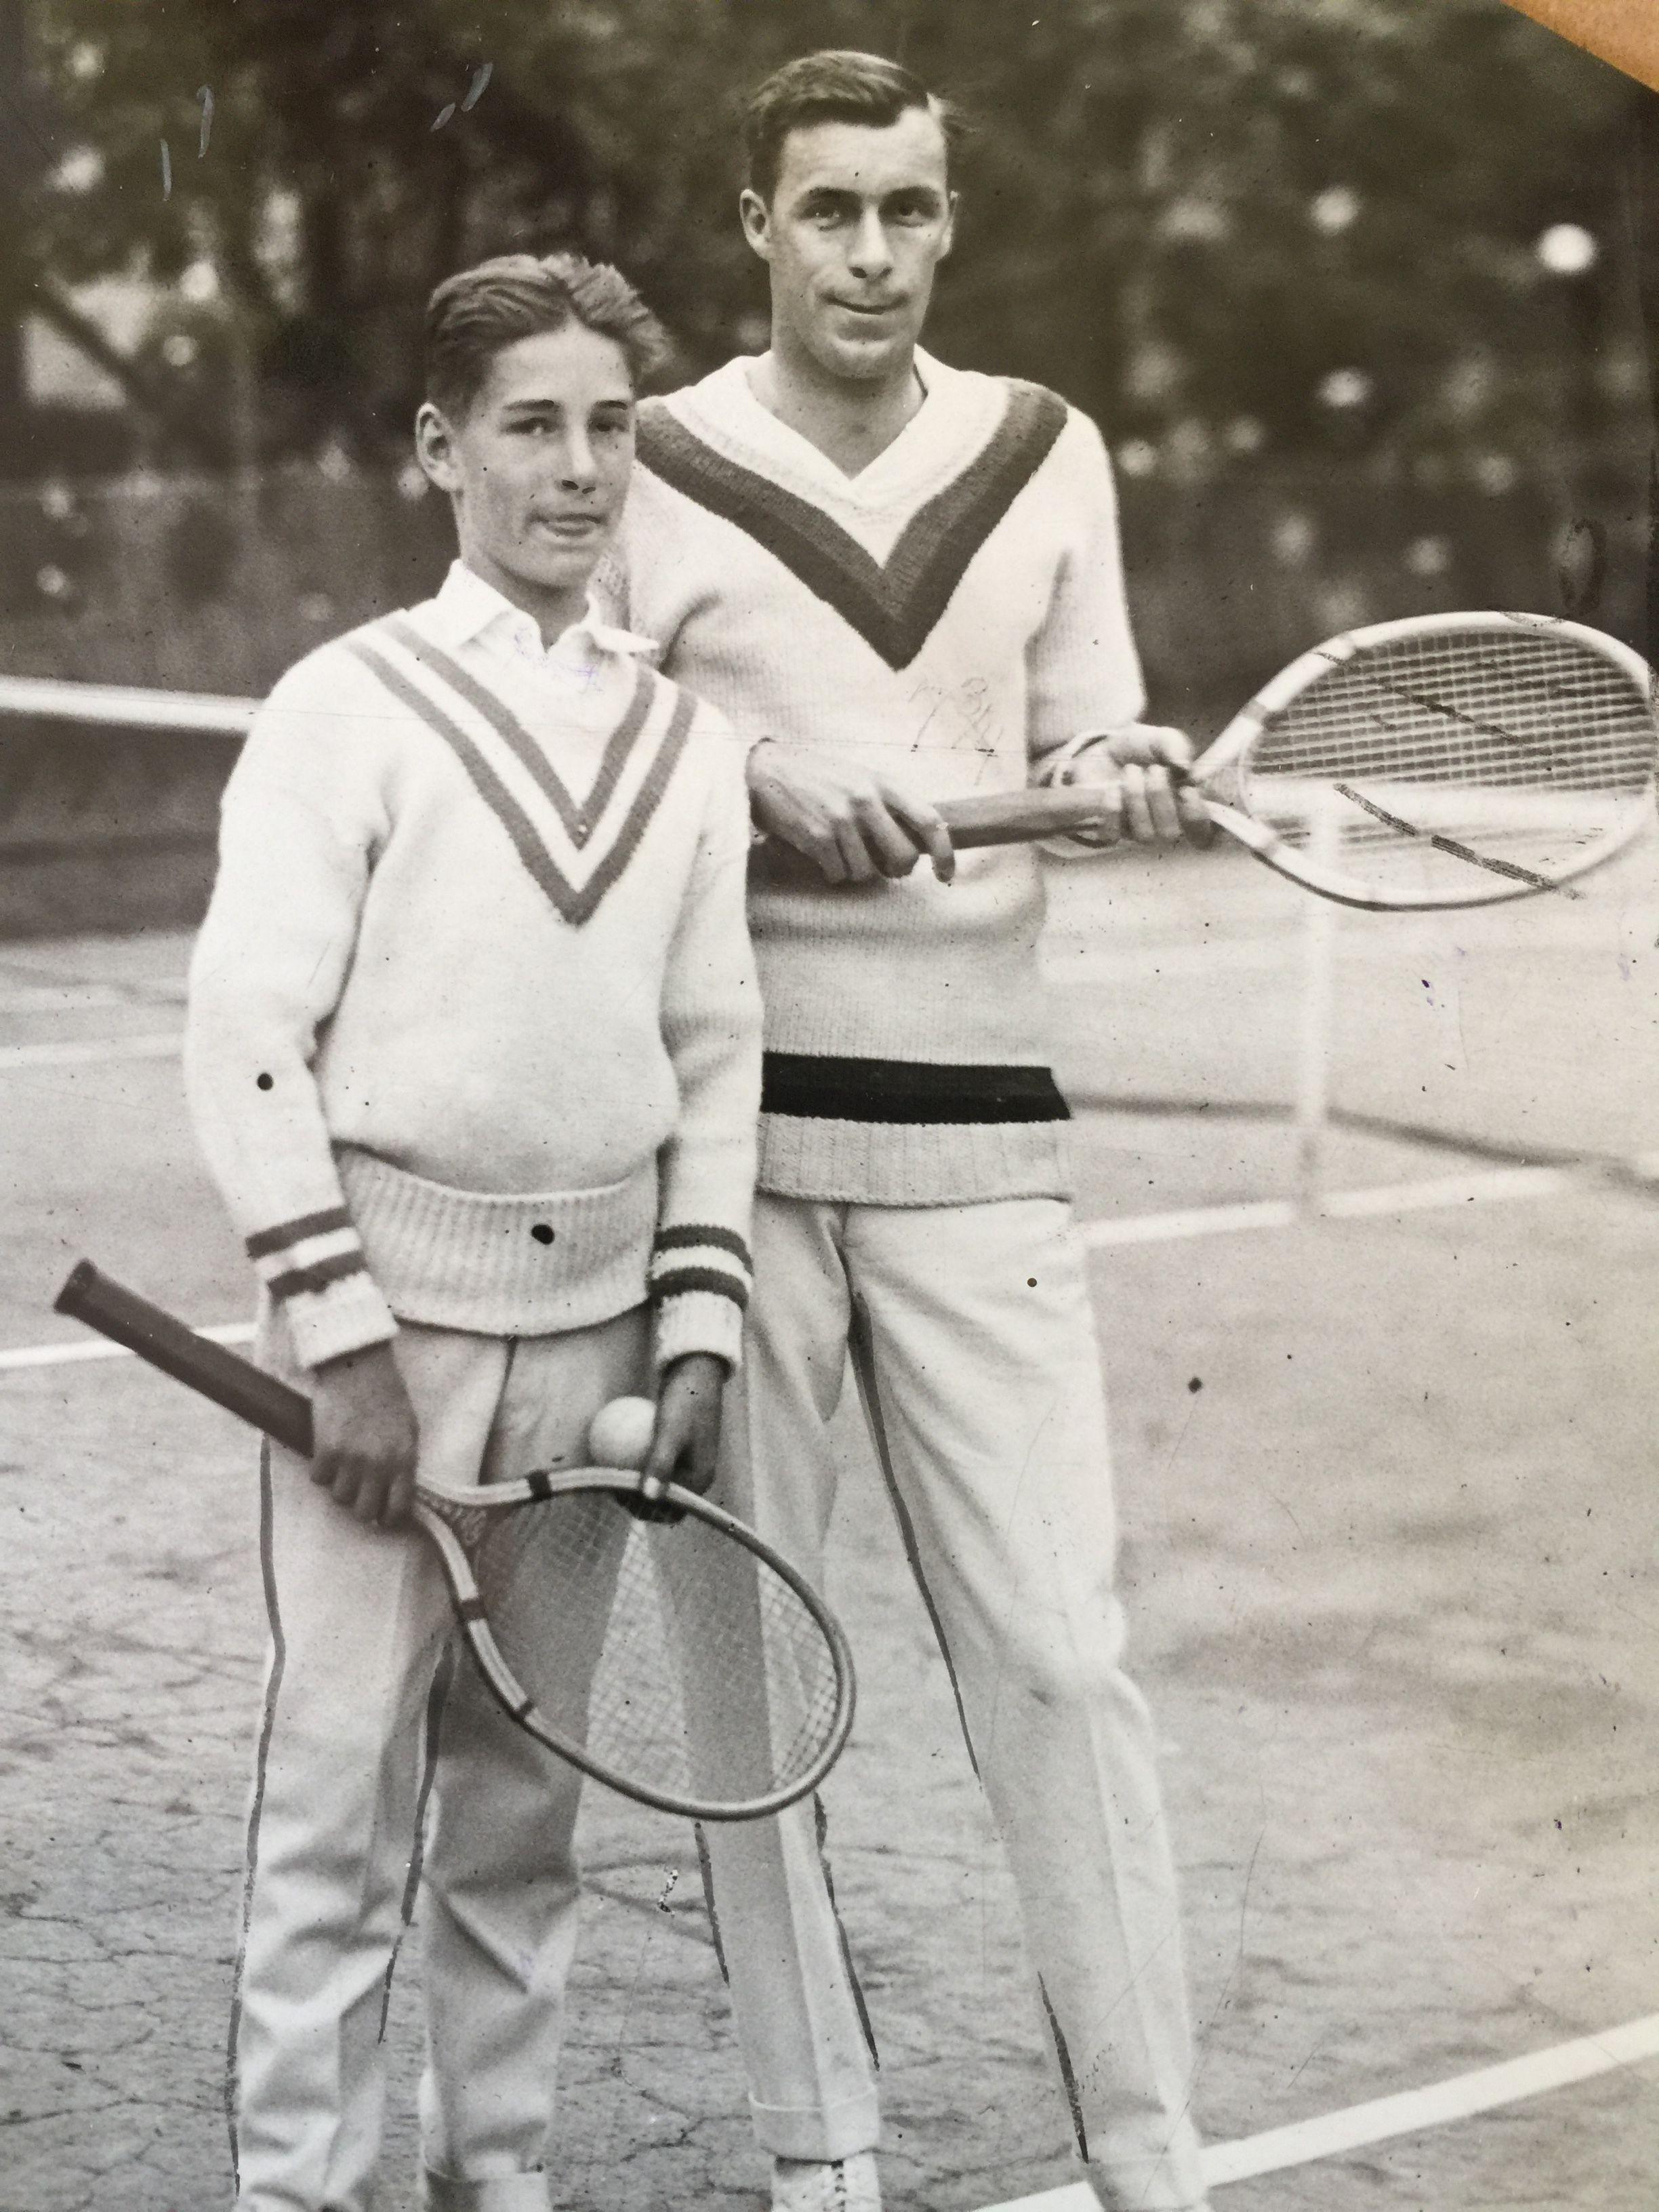 Tennis star Bill Tilden pictured in this vintage 1923 photo